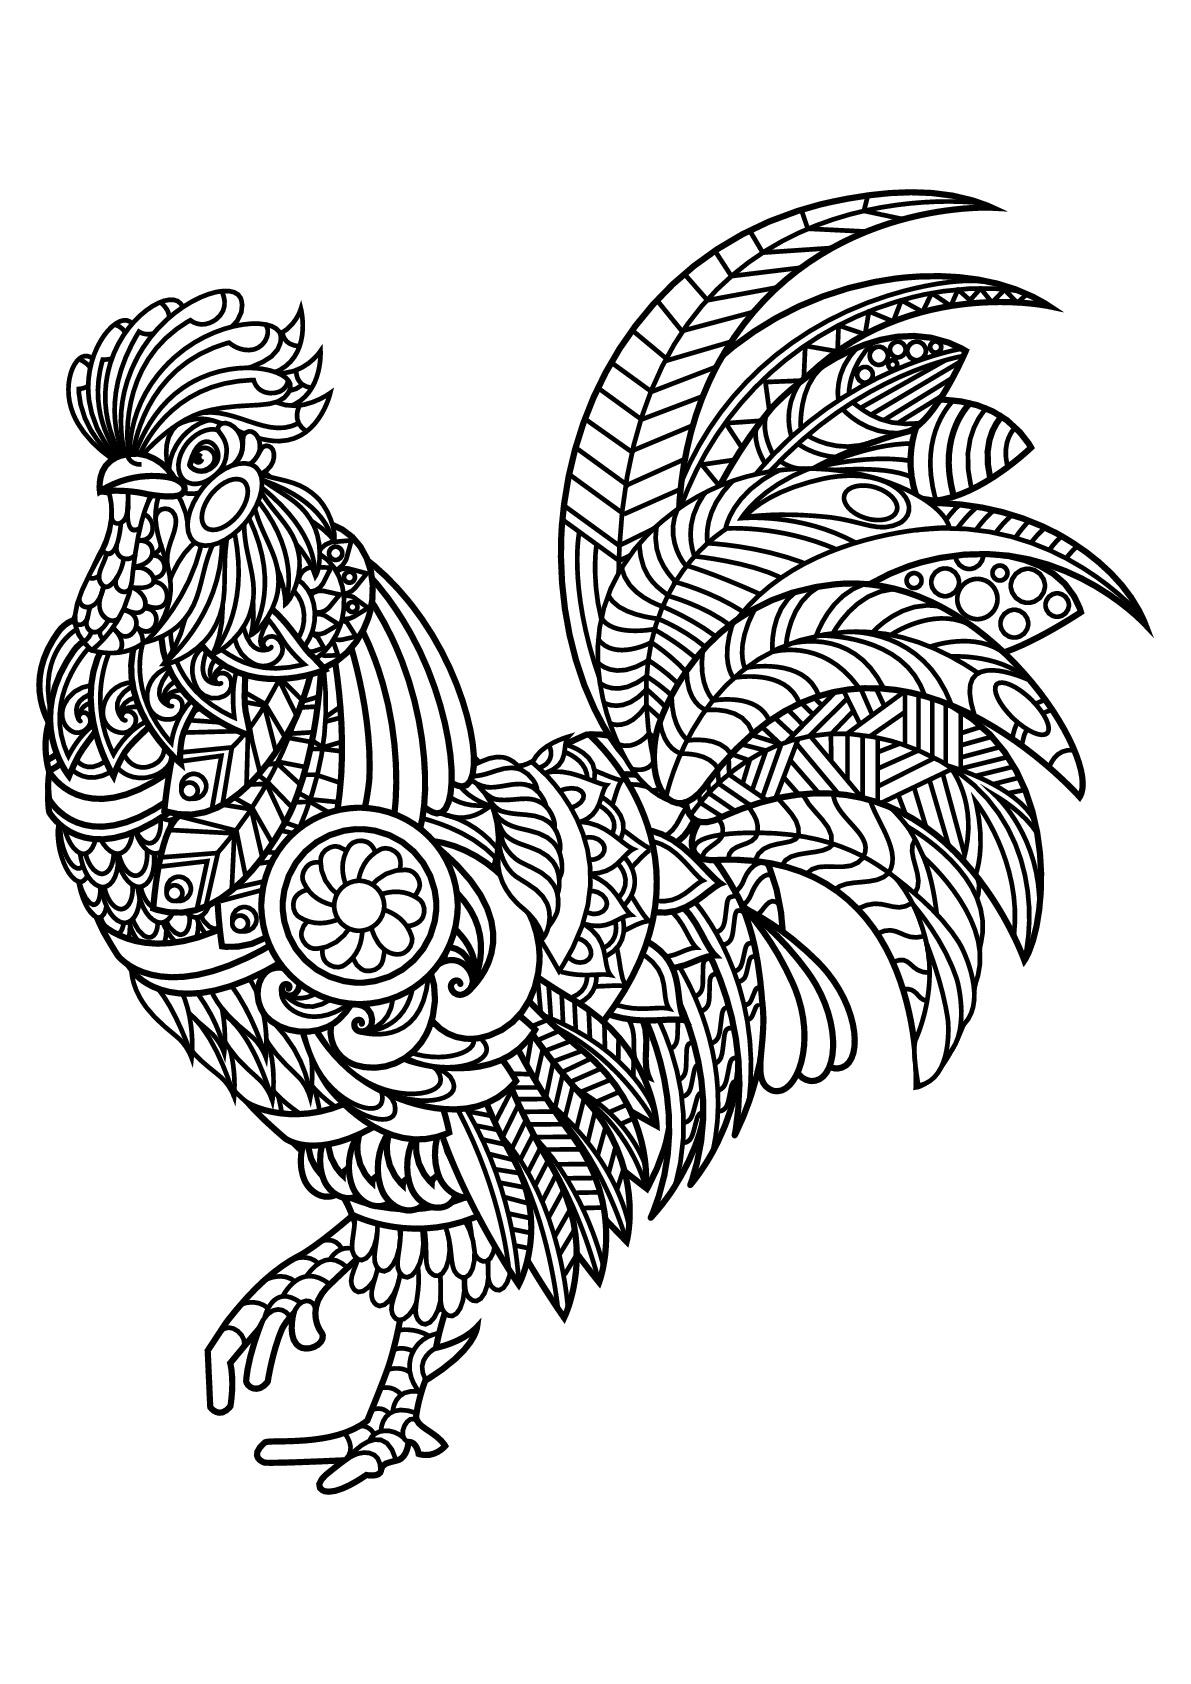 Colorear para adultos  : Aves - 7